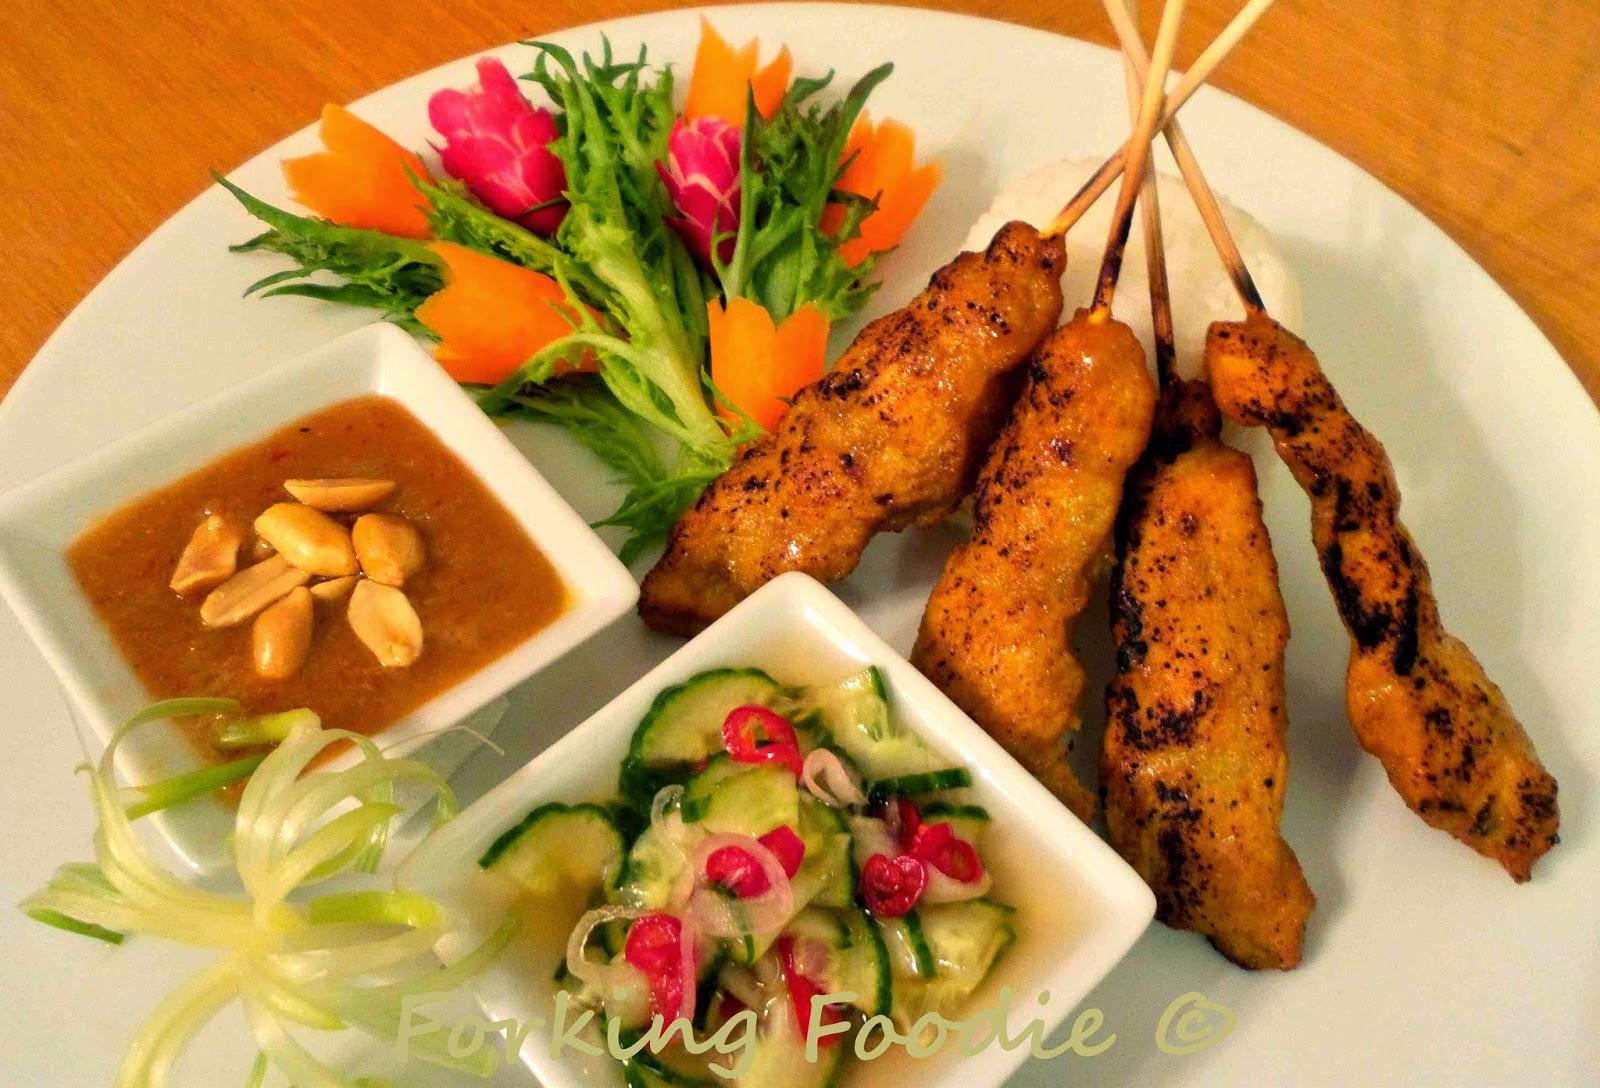 Thai Food With No Sugar